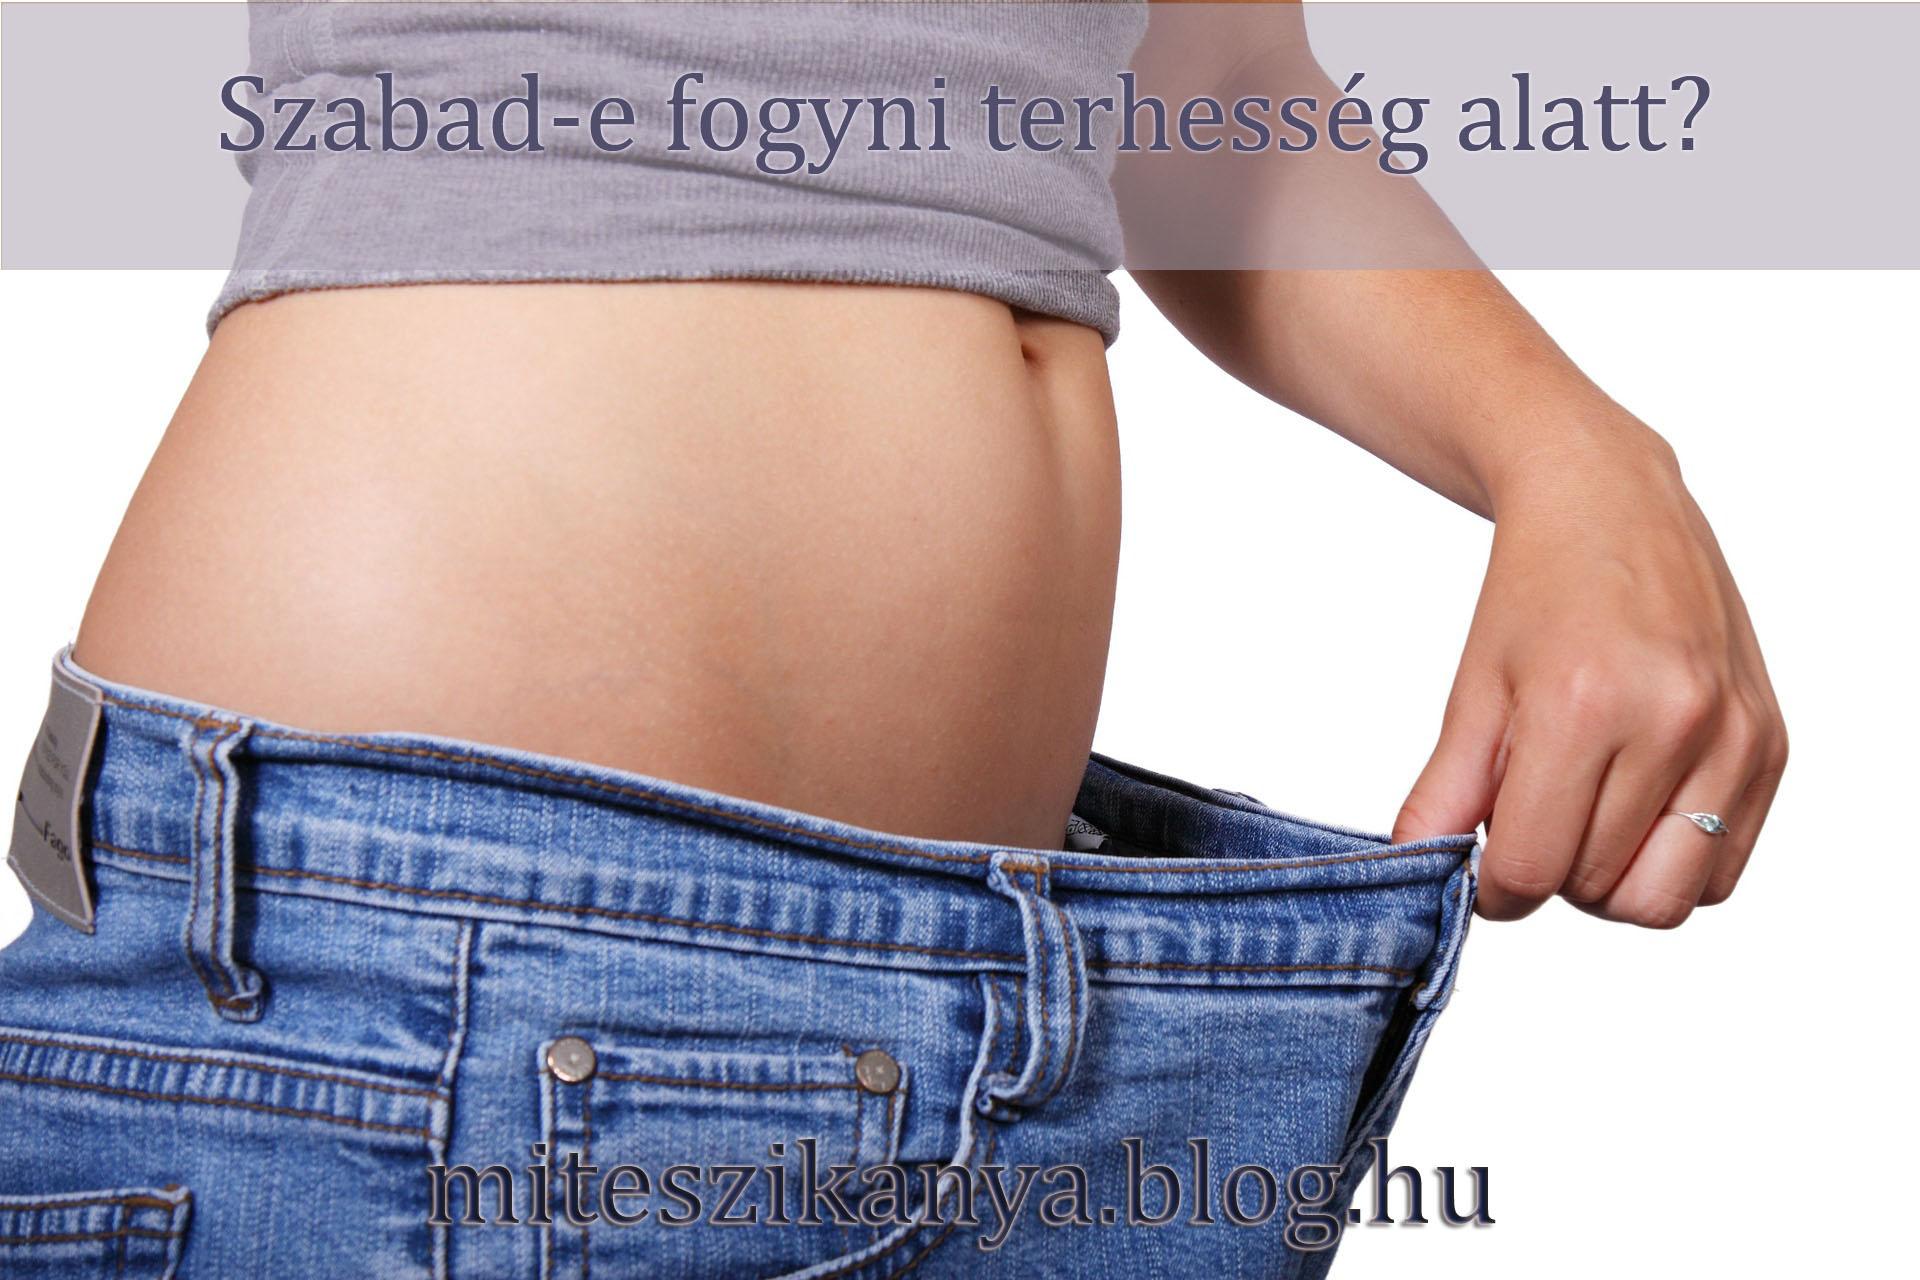 A fogyás hirdetések instagram lehetséges egészségügyi hatások, amelyek elhízás